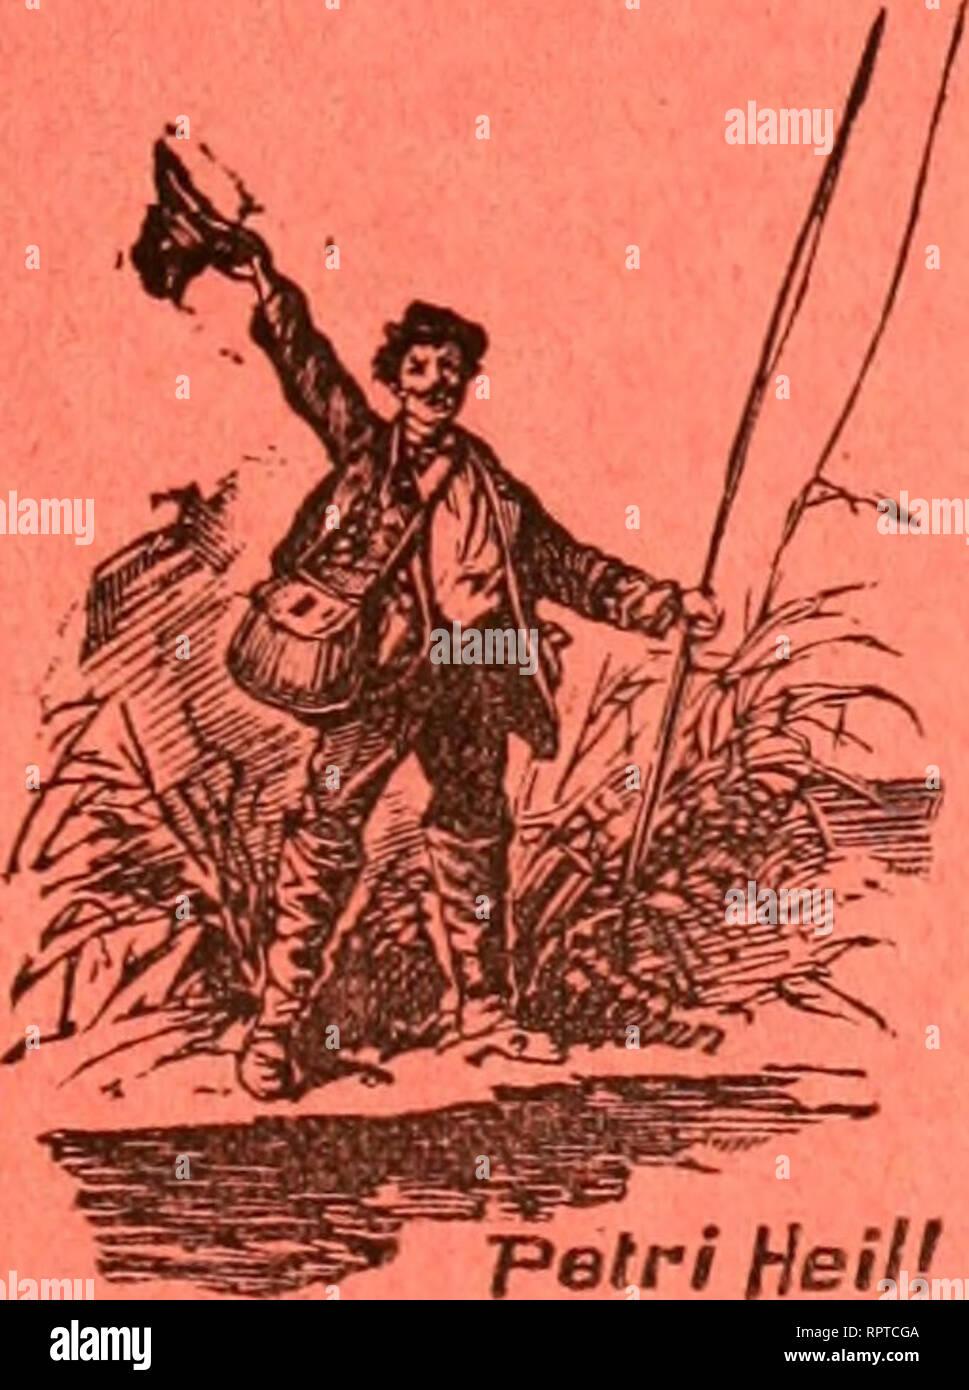 """. Allgemeine Fischerei-Zeitung. 3erneuchen Tischzucht %-% gibt ab 9iegett0ogenfovt*Ücit, .sitgot, ©olborfen, groreftenbarfe, 6d)TT>ar3fcarfe, Steht* t""""ar?efÄa(tfo6avfe,^tuero""""ue(je,3di(etett, Karpfen unb etnjömmerige Raubet-. ©arantie lebenber Stnfunft. 9lquarienfifd)e laut """"ßtciSlifte. ^reiSltfte franto! Von dem Borne. Der Jungfische Bachforelle, des Bachsaiblinga Lieferzeit und der Regenbogenforelle, Juni, gibt die Fischzucht Zellin ab. •:!. Oder (Estación Bärwalde i. d. Neumark). P. Piesker vorm. Oesterling. Garantie lebender Ankunft. La bei Oesede Forellenzucht OESEDE en Osnabrück. Beste Foto de stock"""